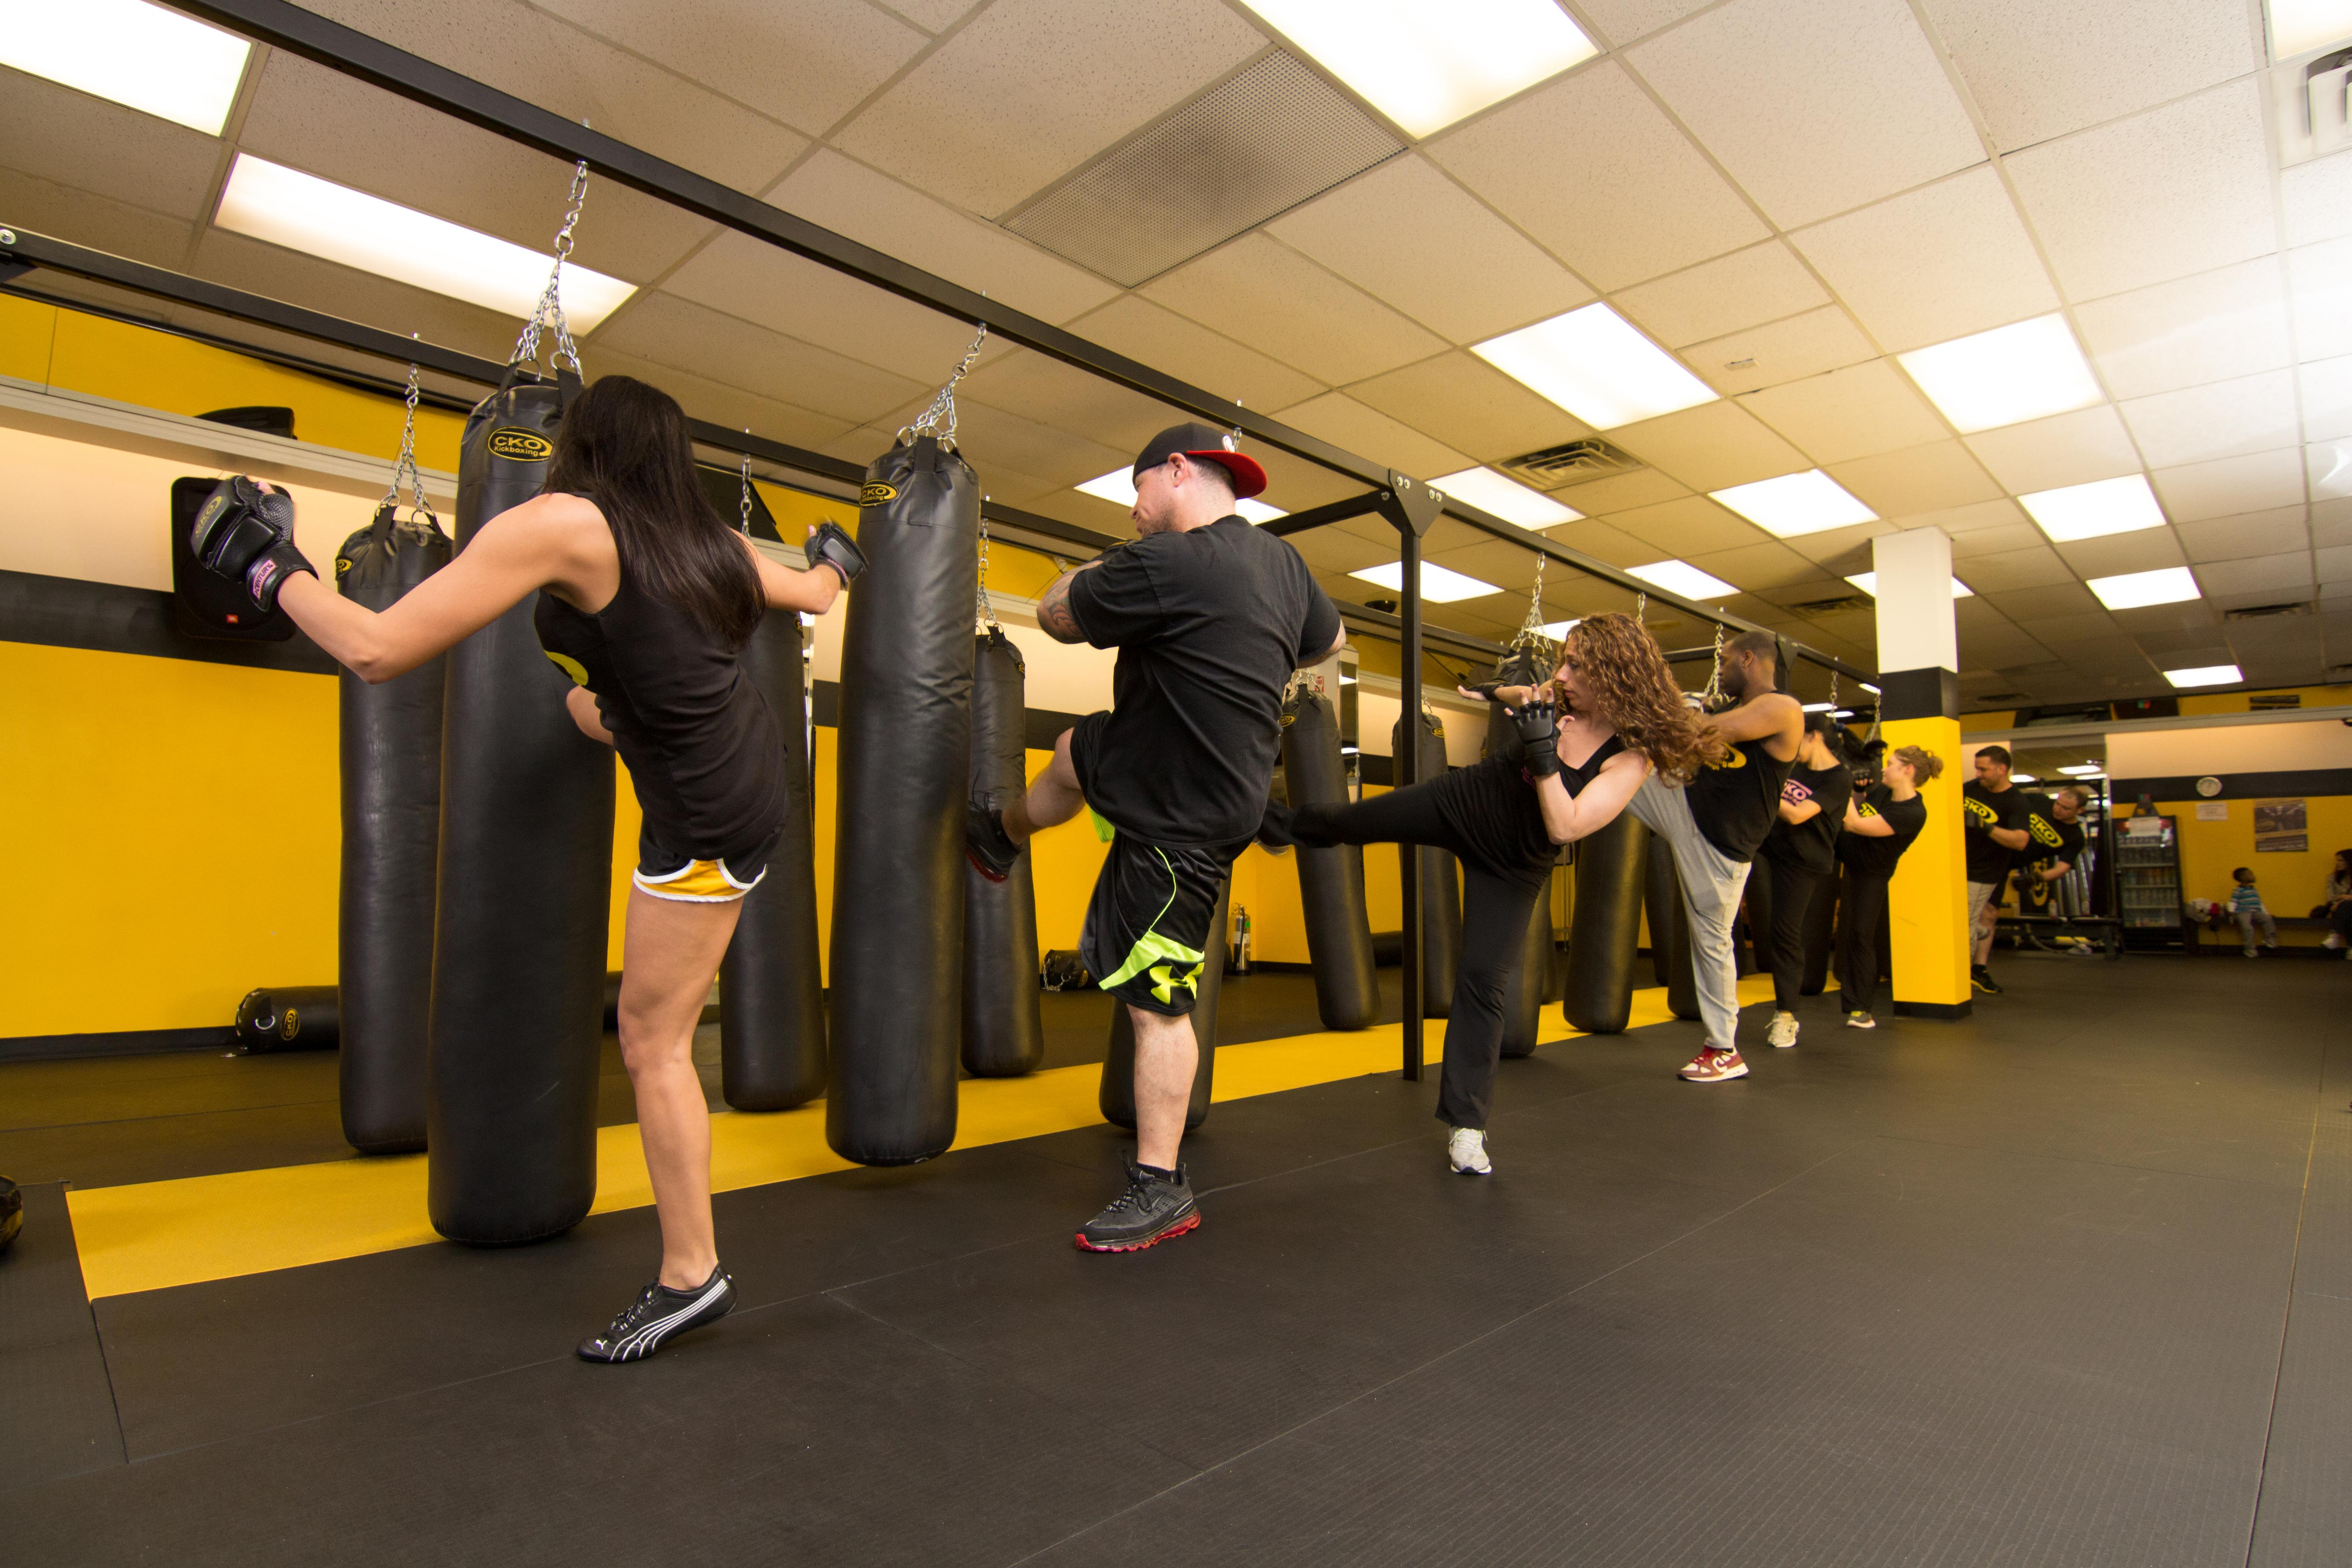 Cardio Kickboxing In Staten Island